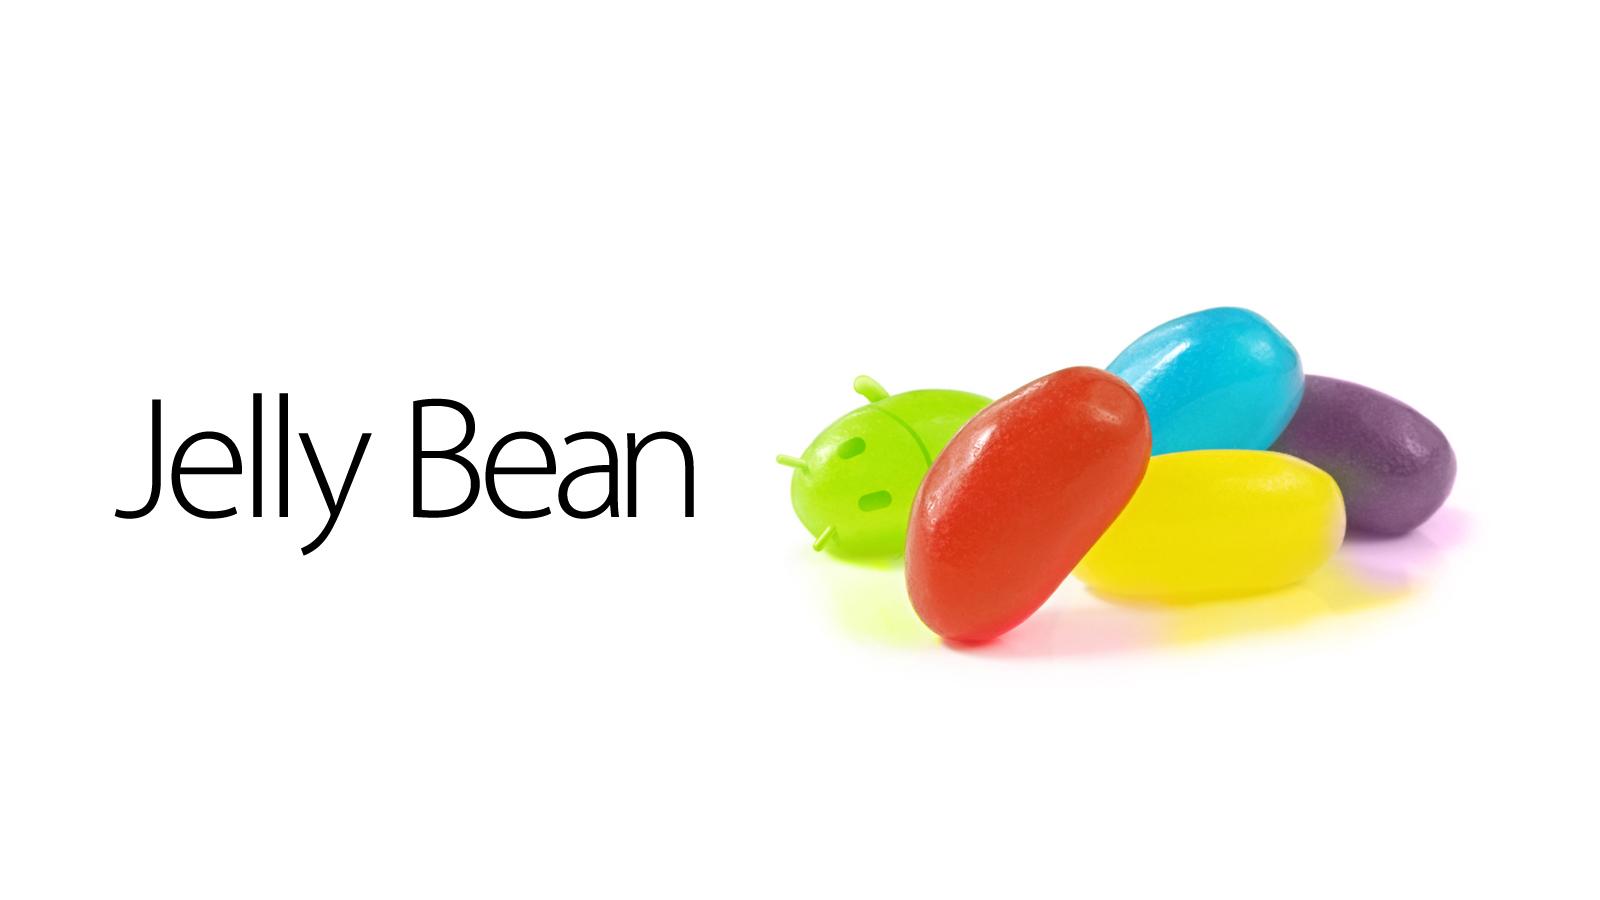 Novità Terminali| Galaxy S2 & Galaxy Note: aspettando Android Jelly Bean